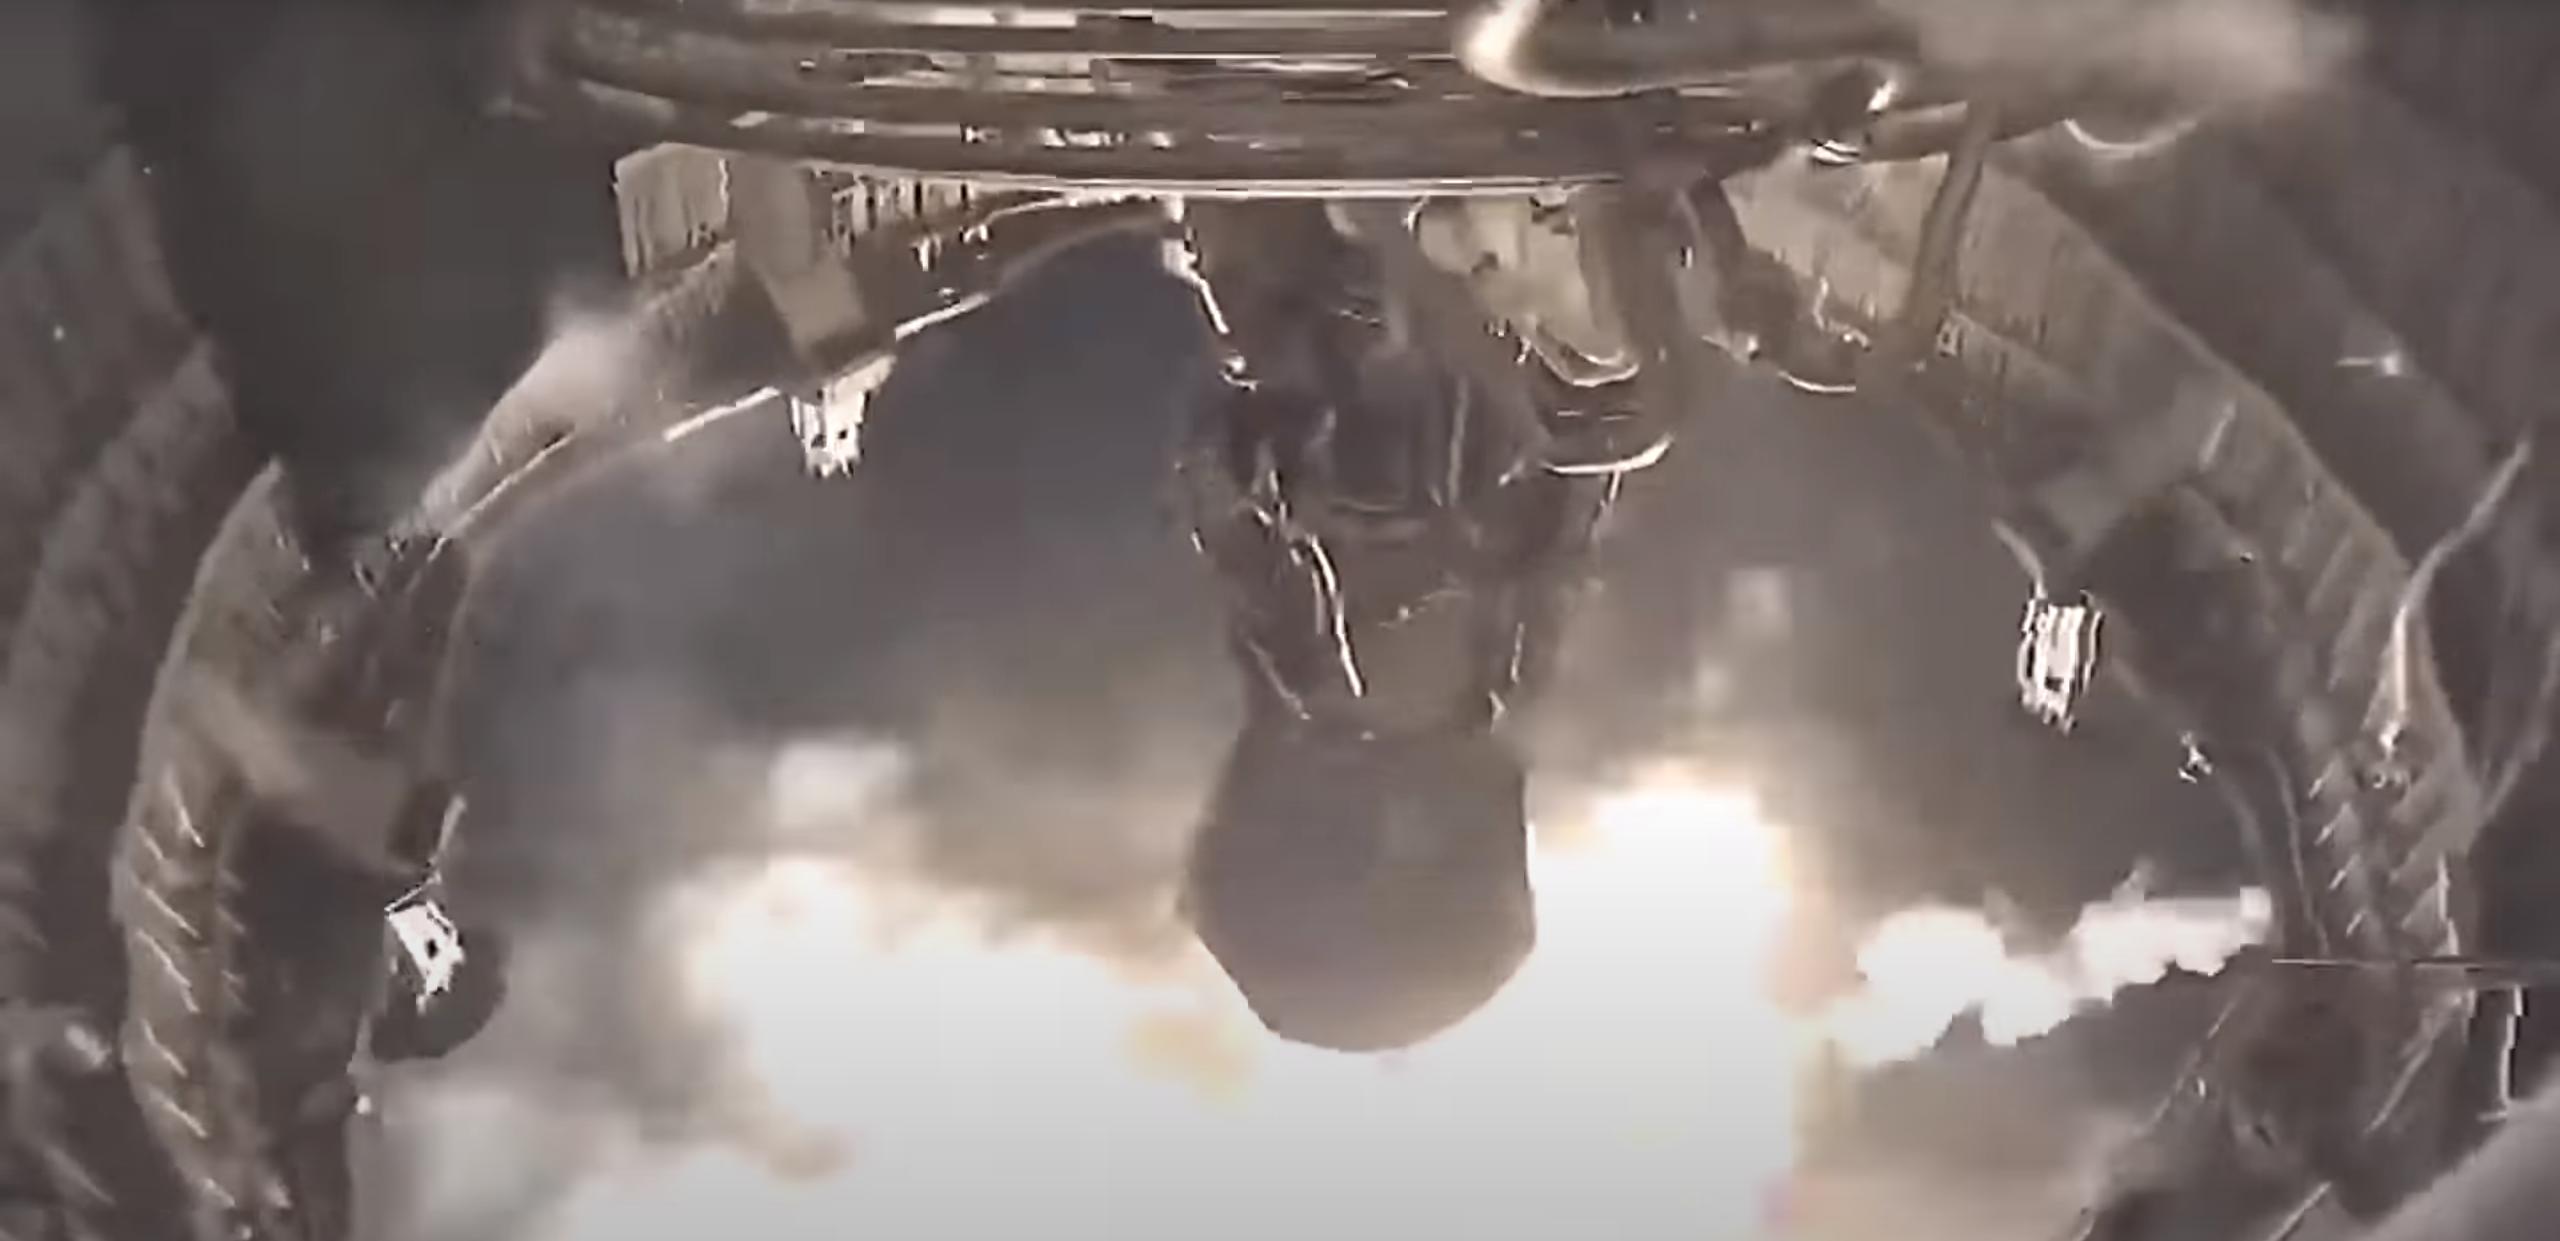 Slik ser det ut inne ved rakettmotoren.